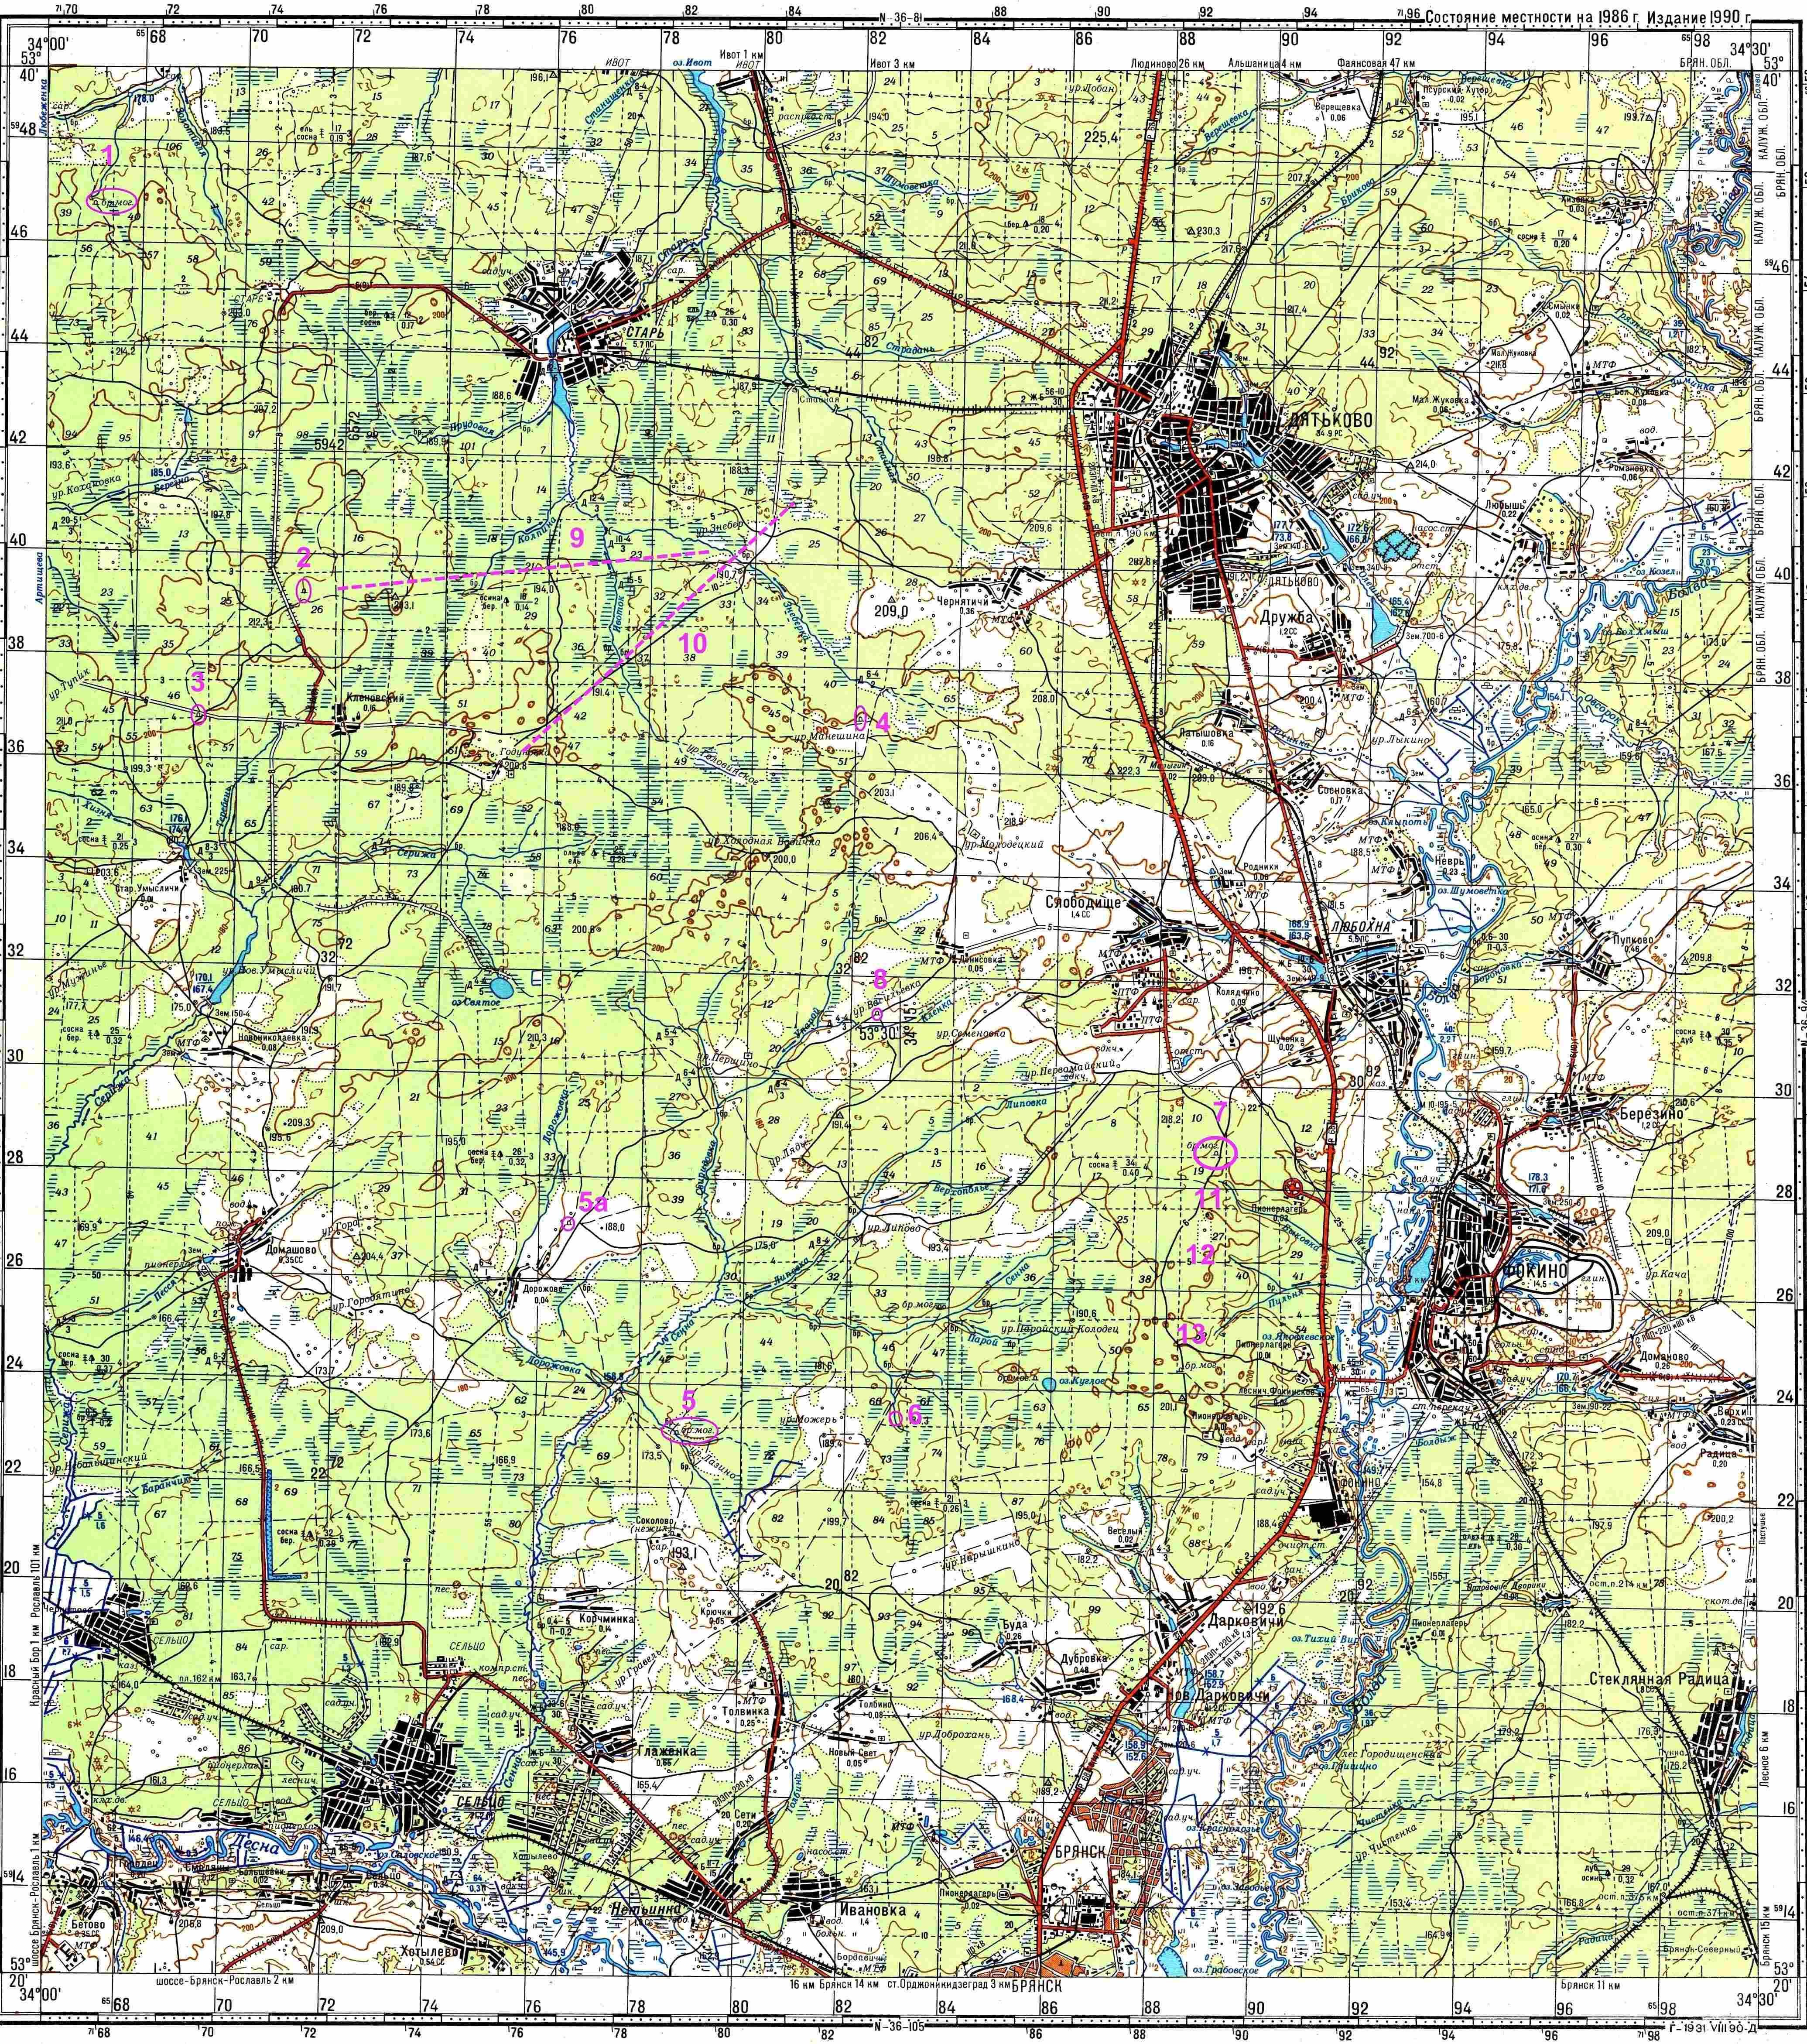 дятьково на старых топографических картах